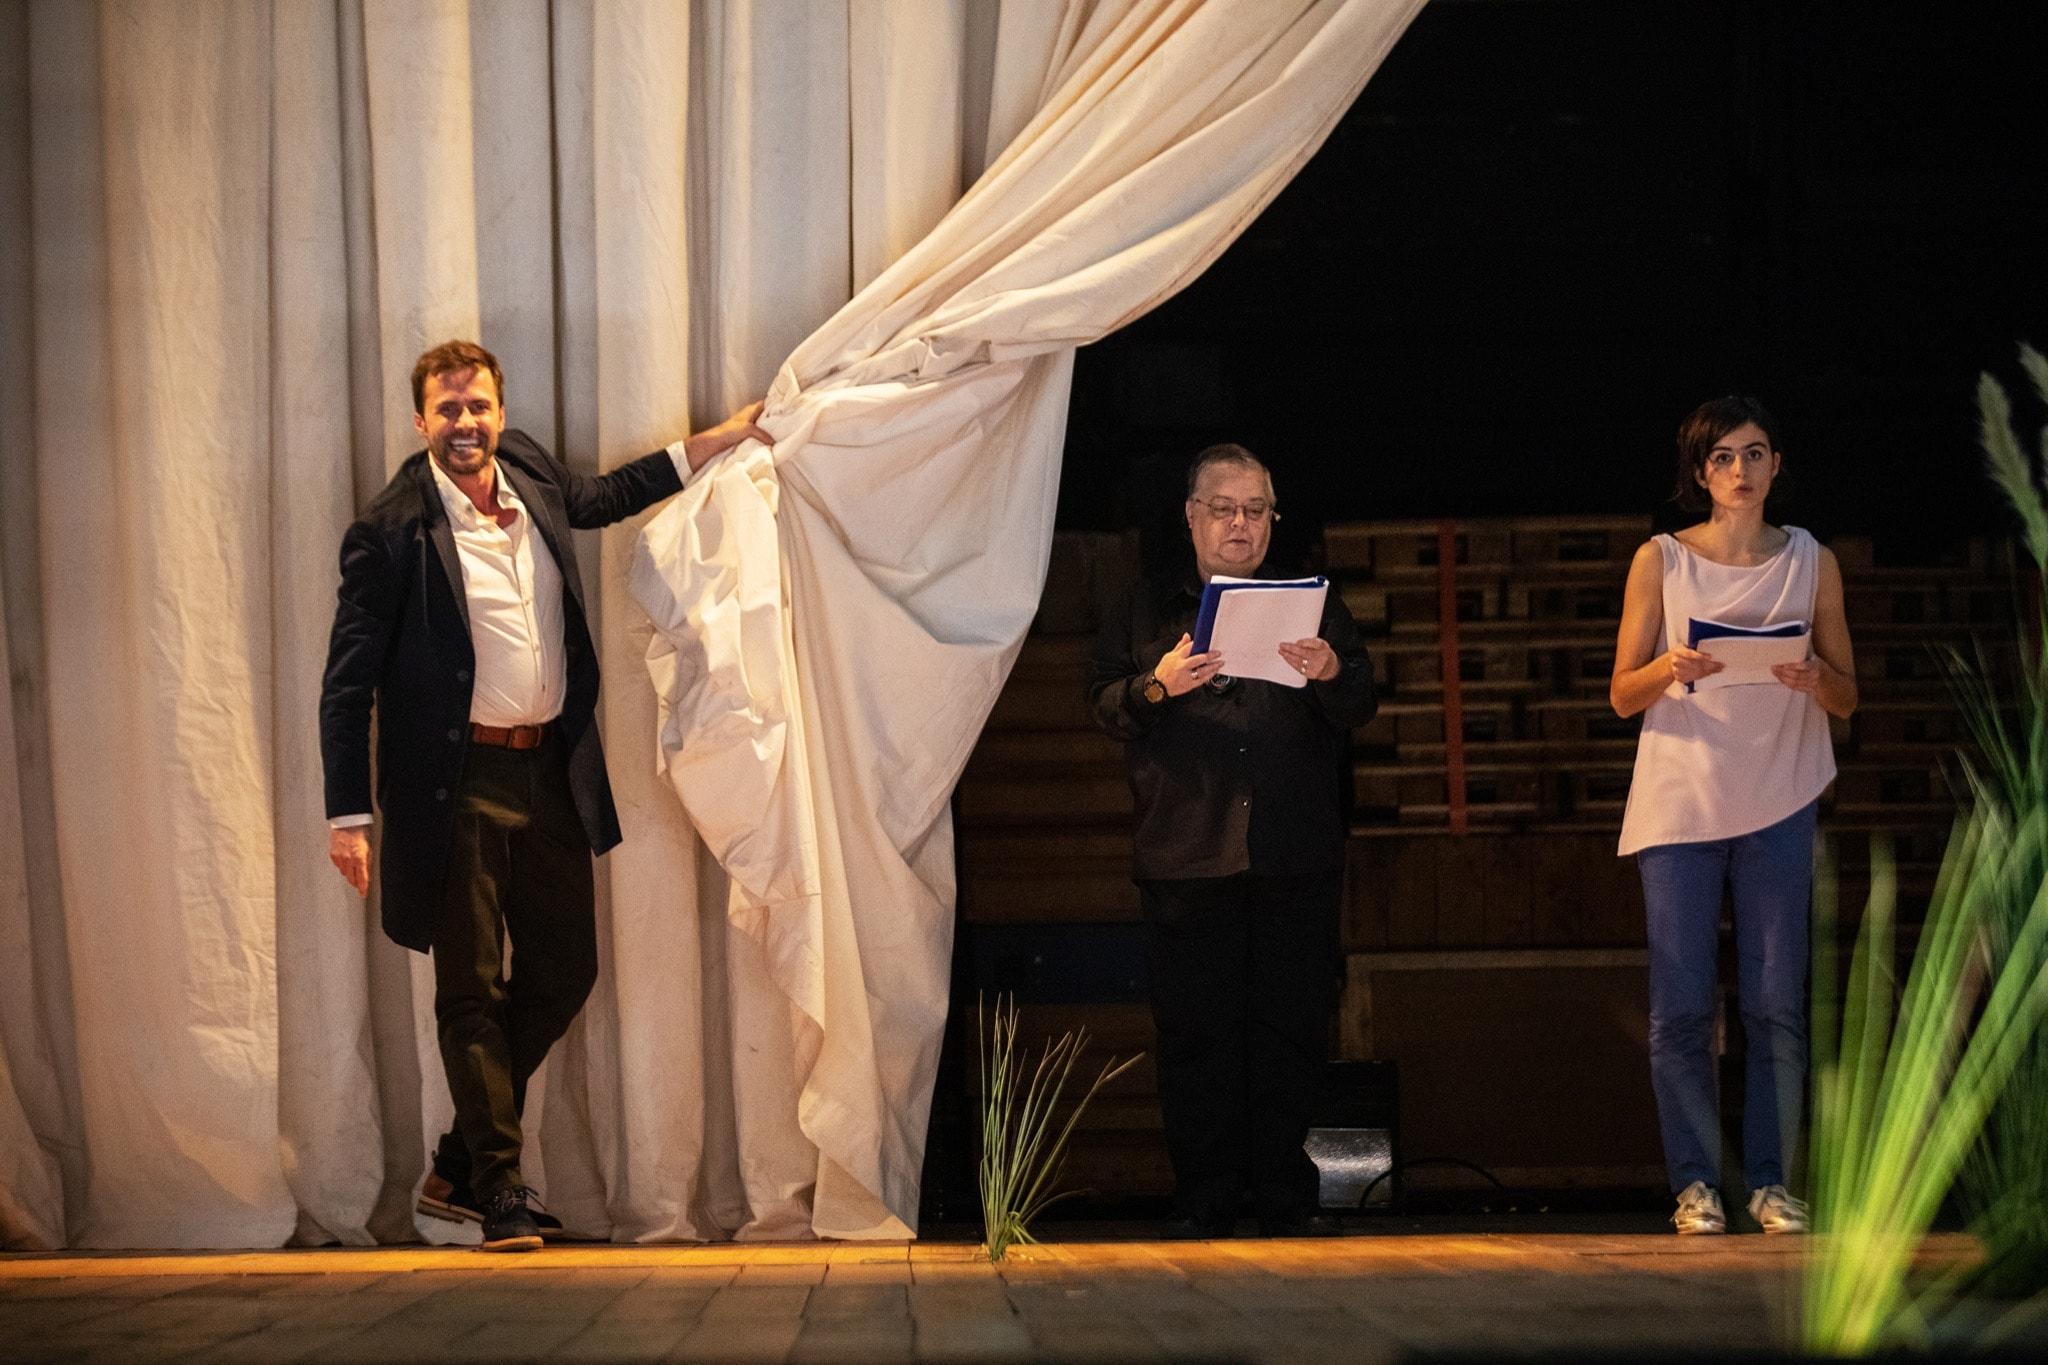 Sopro de Tiago Rodrigues image théâtre